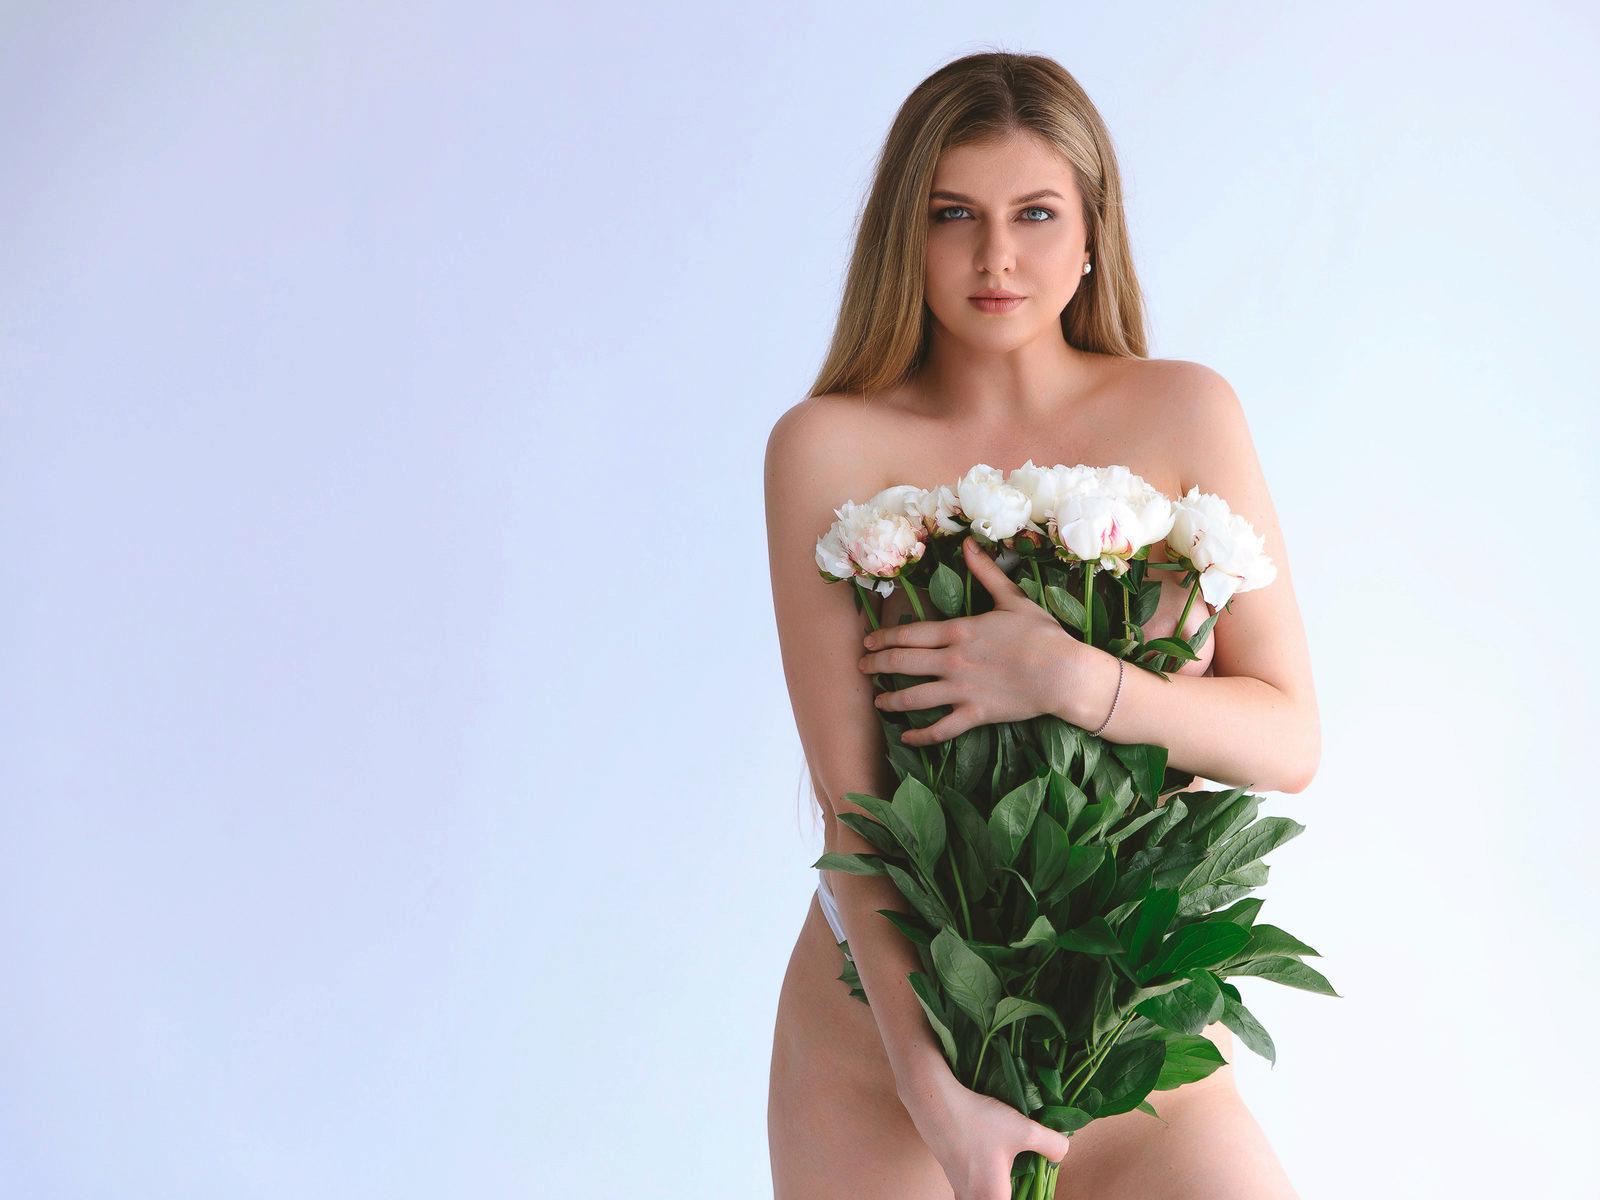 Webcam model Dorothy Stevens from WebPowerCam